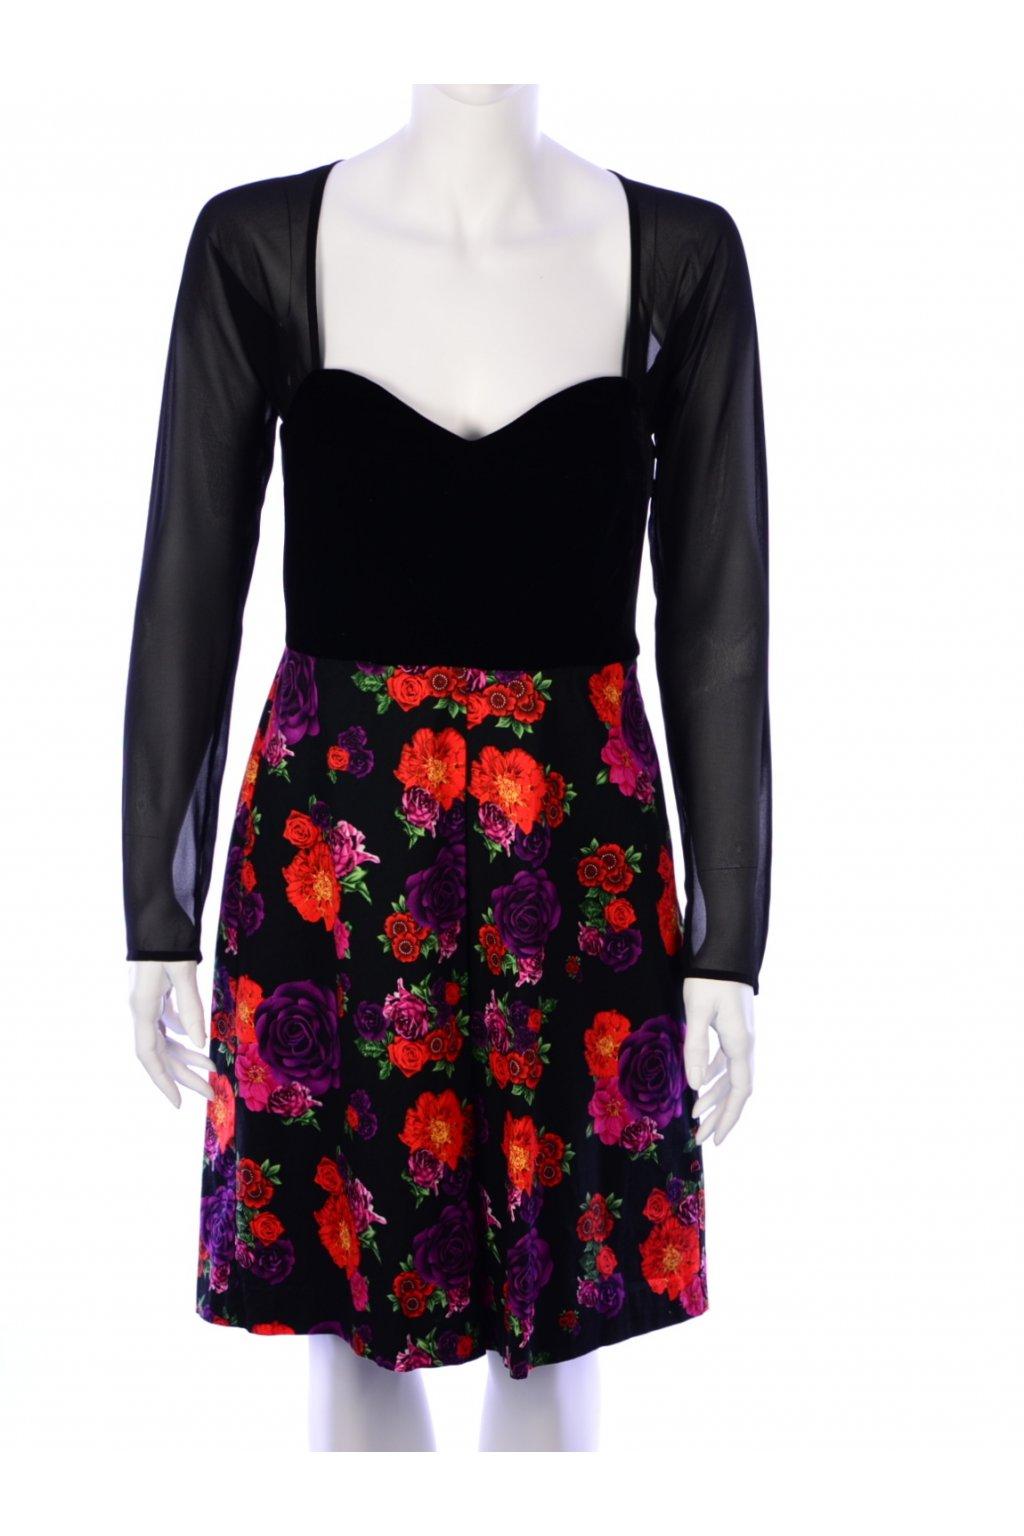 Šaty černý samet květované Peaches vel. XS - S / uk 10